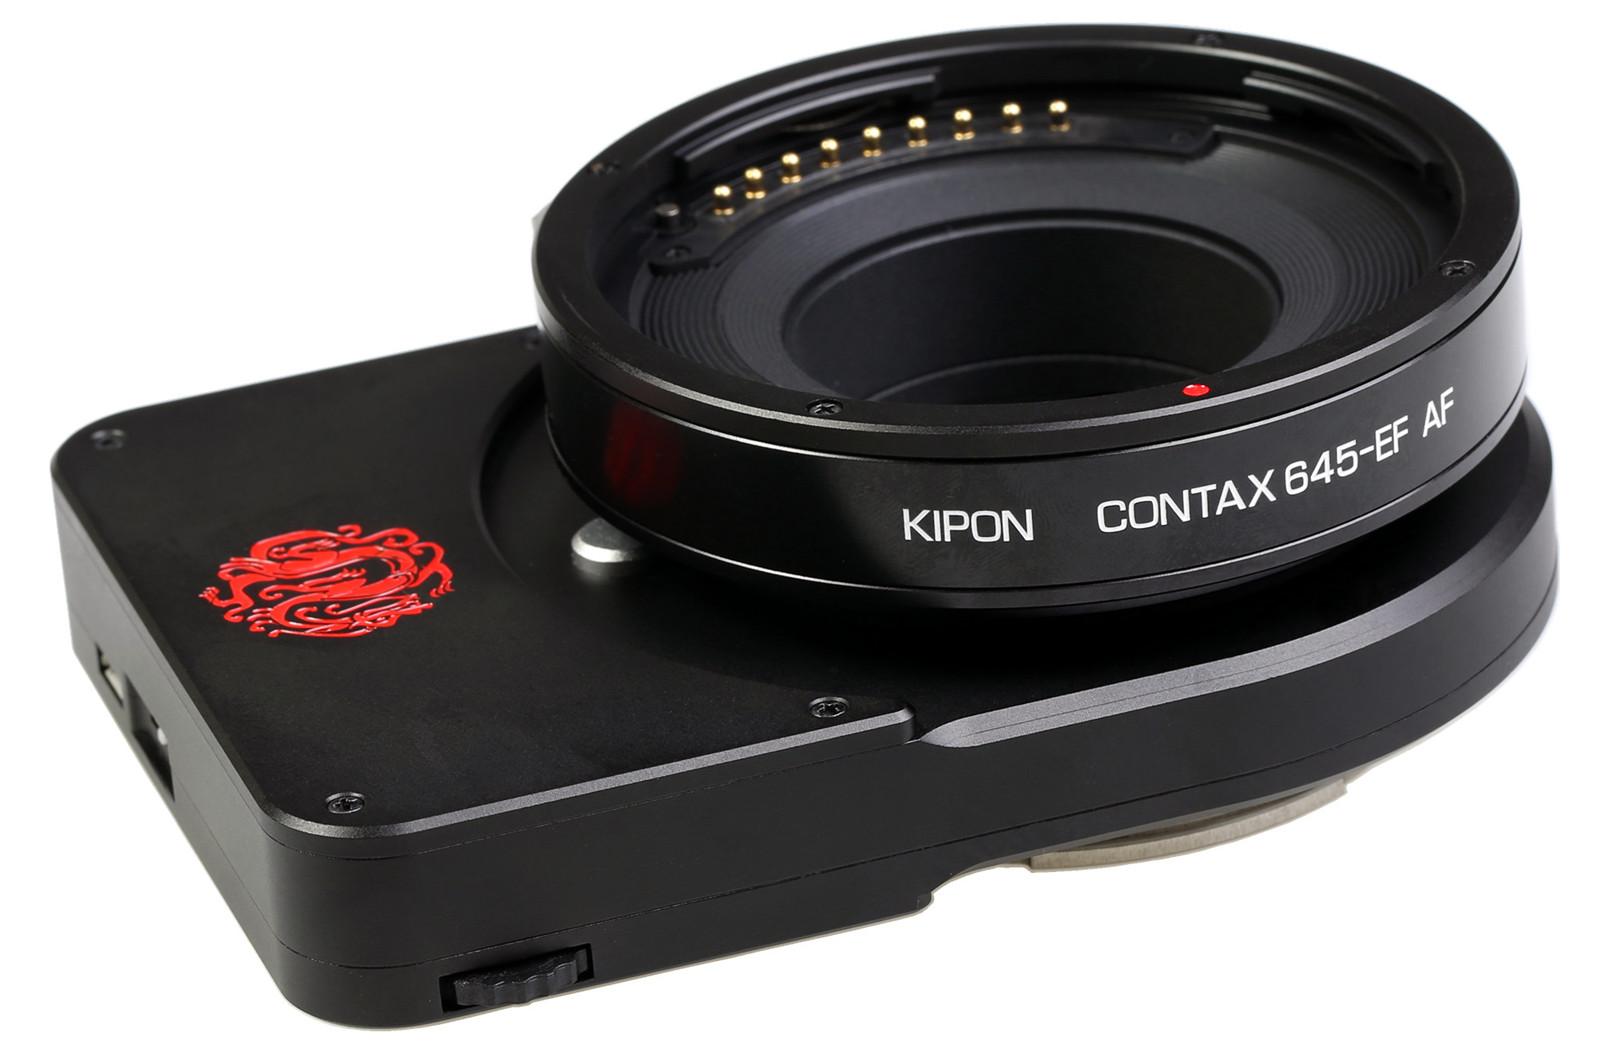 Адаптер Kipon для установки оптики Contax 645 на камеры Fujifilm GFX 50s